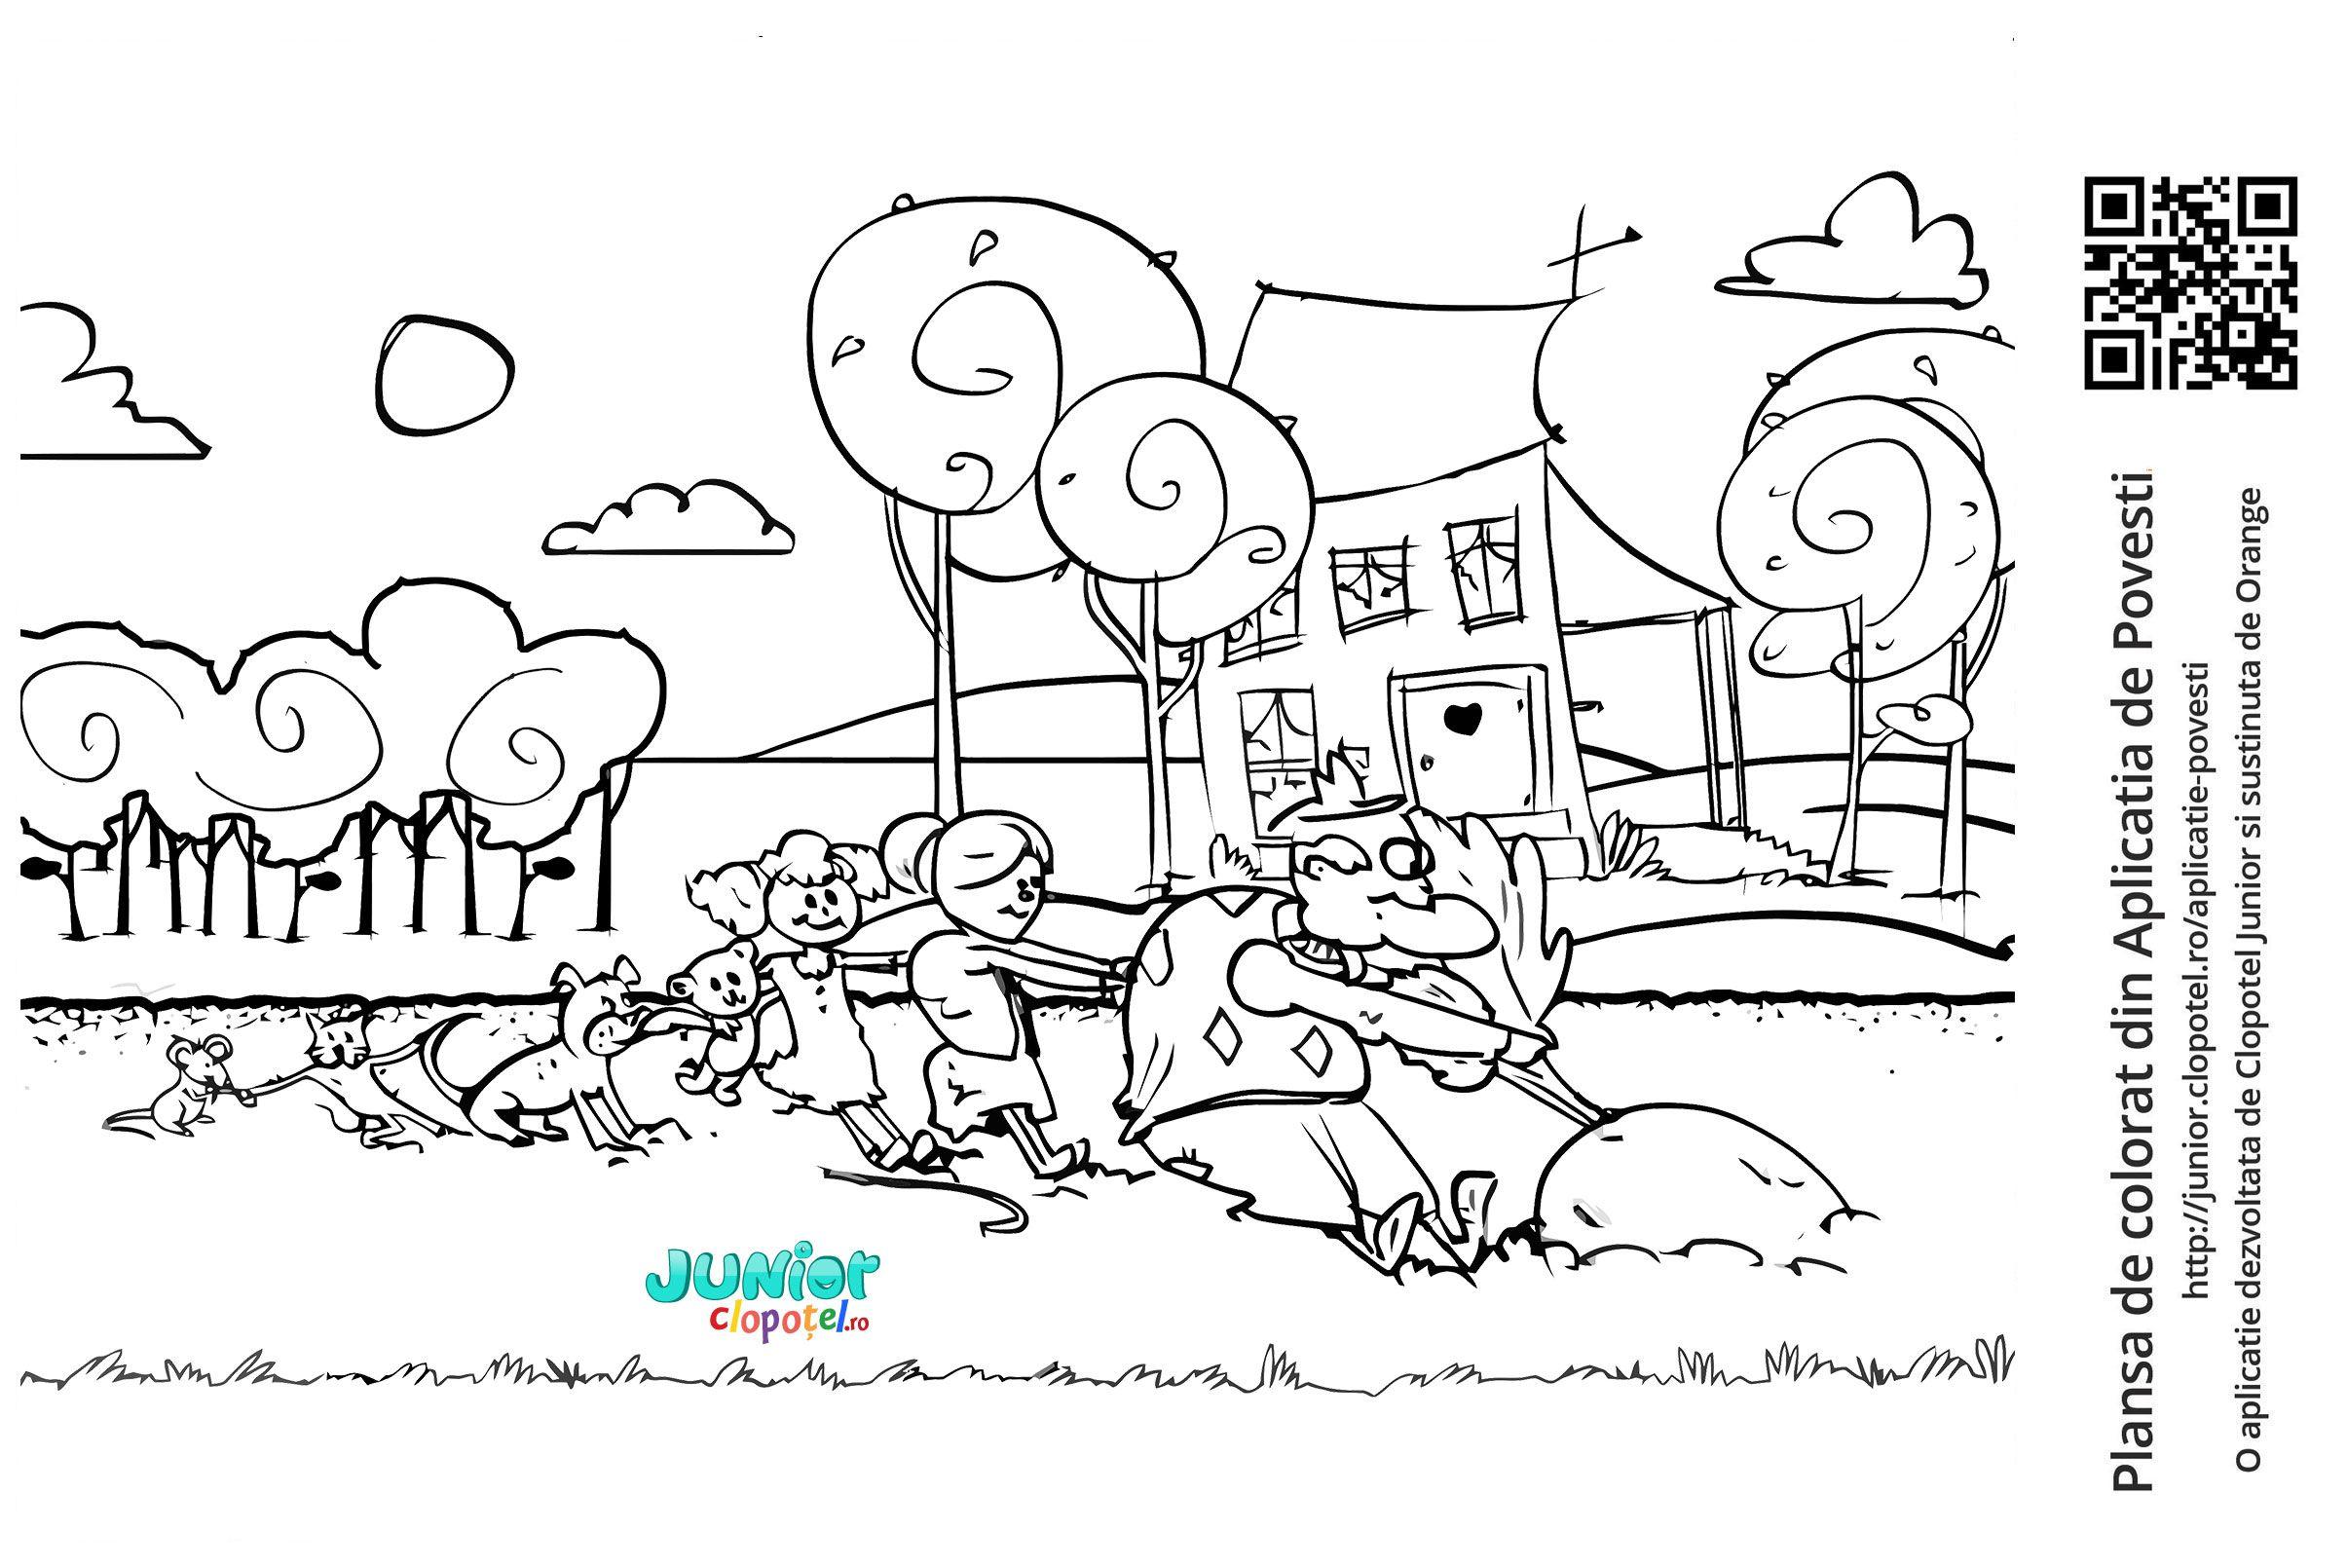 Imagini Pentru Desene De Colorat Ridichea Uriasa